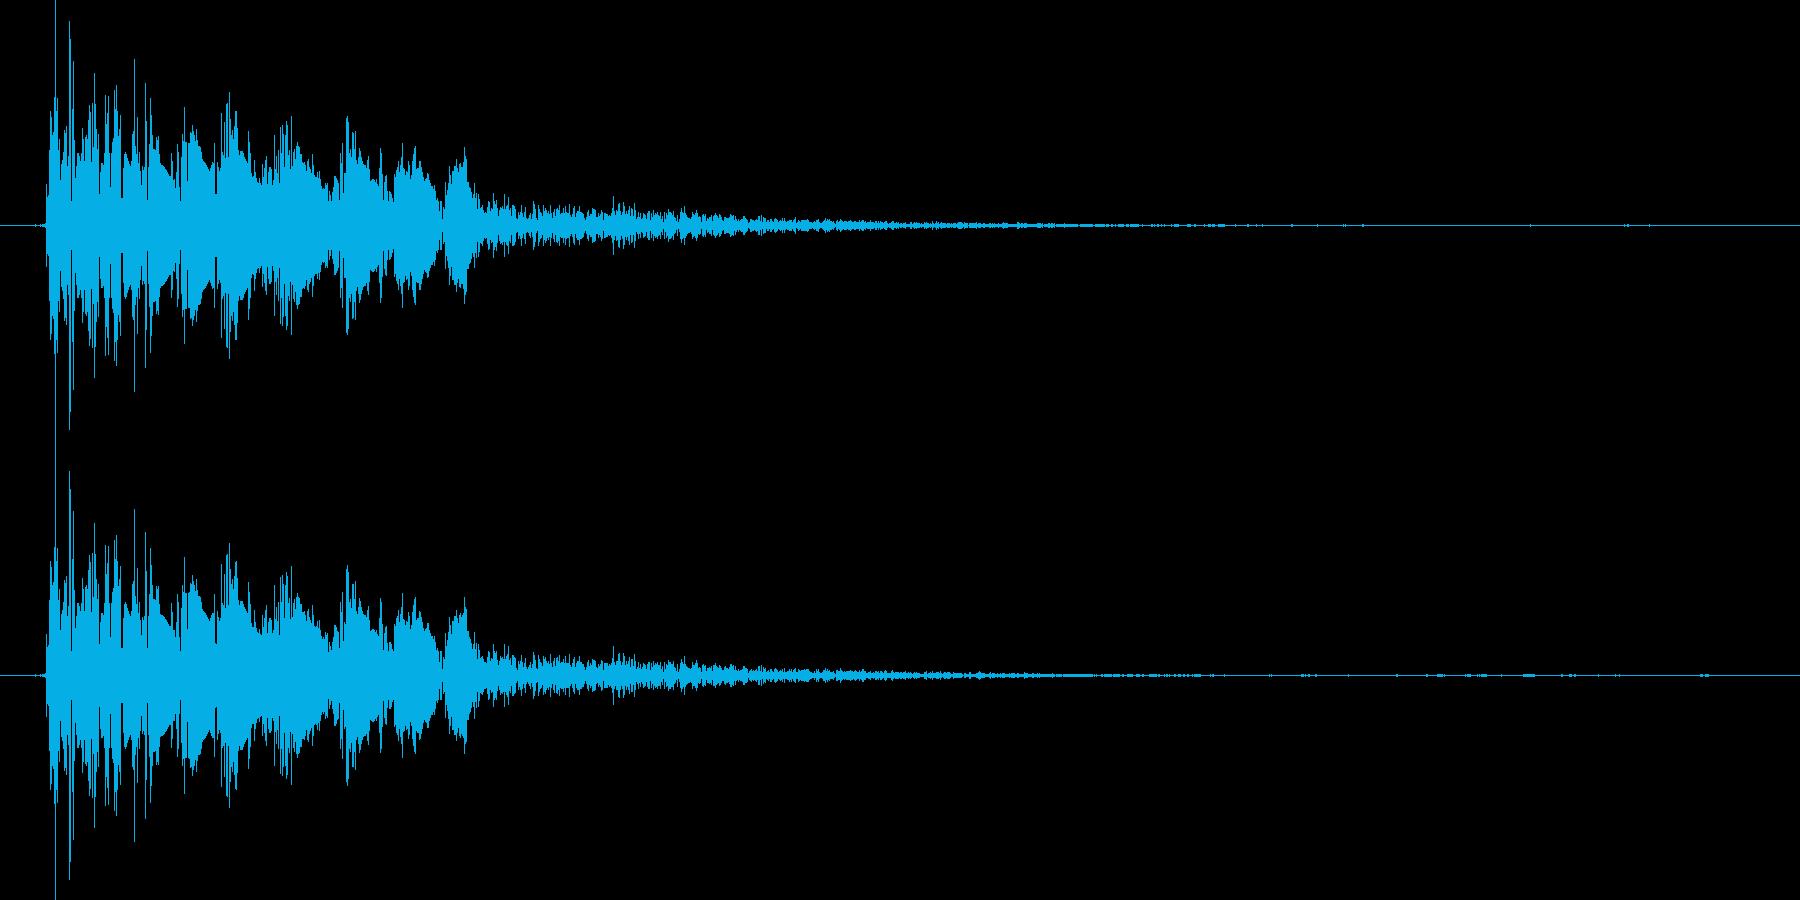 打撃 衝撃音の再生済みの波形